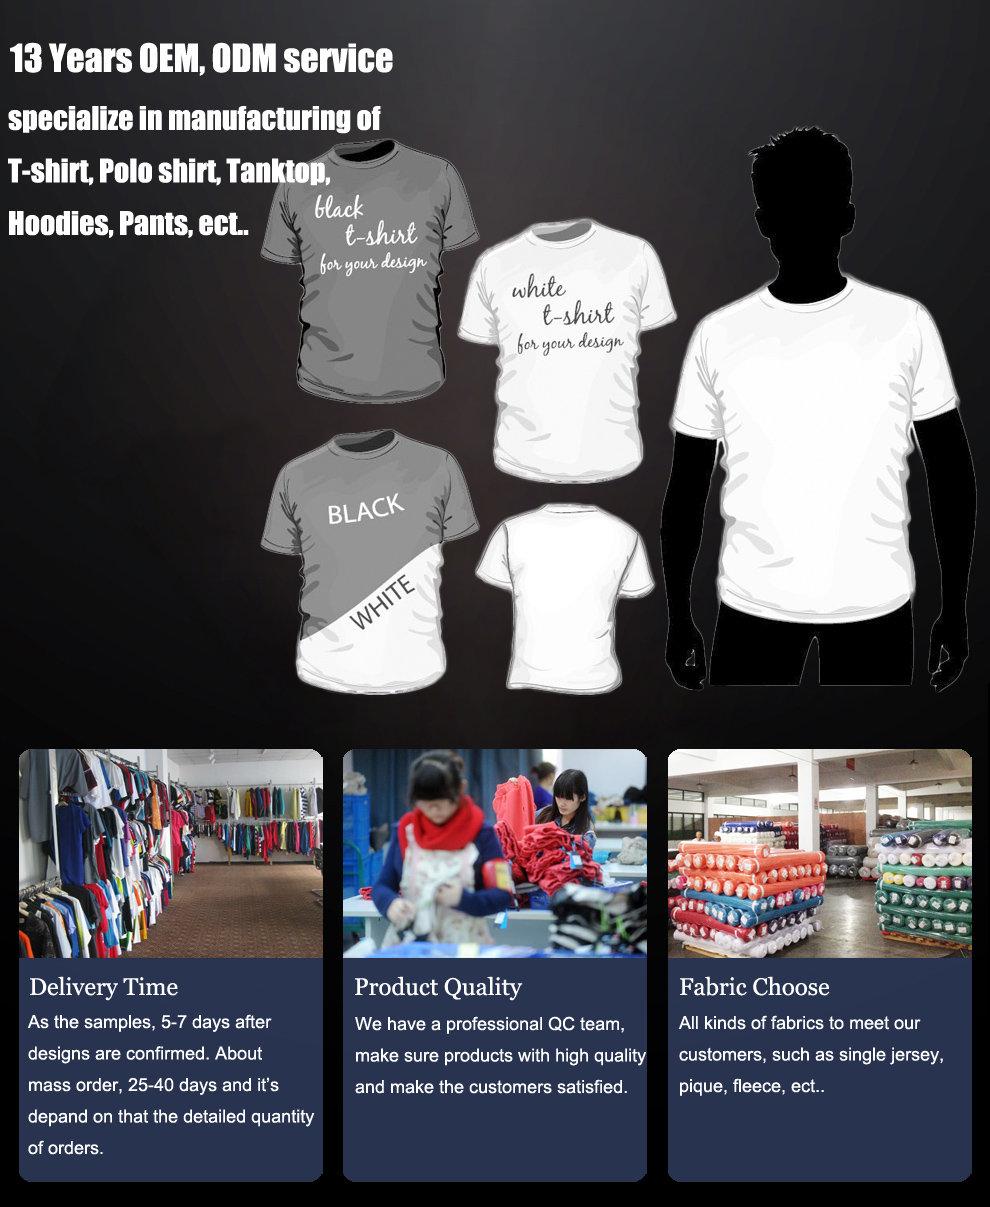 Design your own t shirt mumbai - Design Your Own T Shirt Mumbai 76